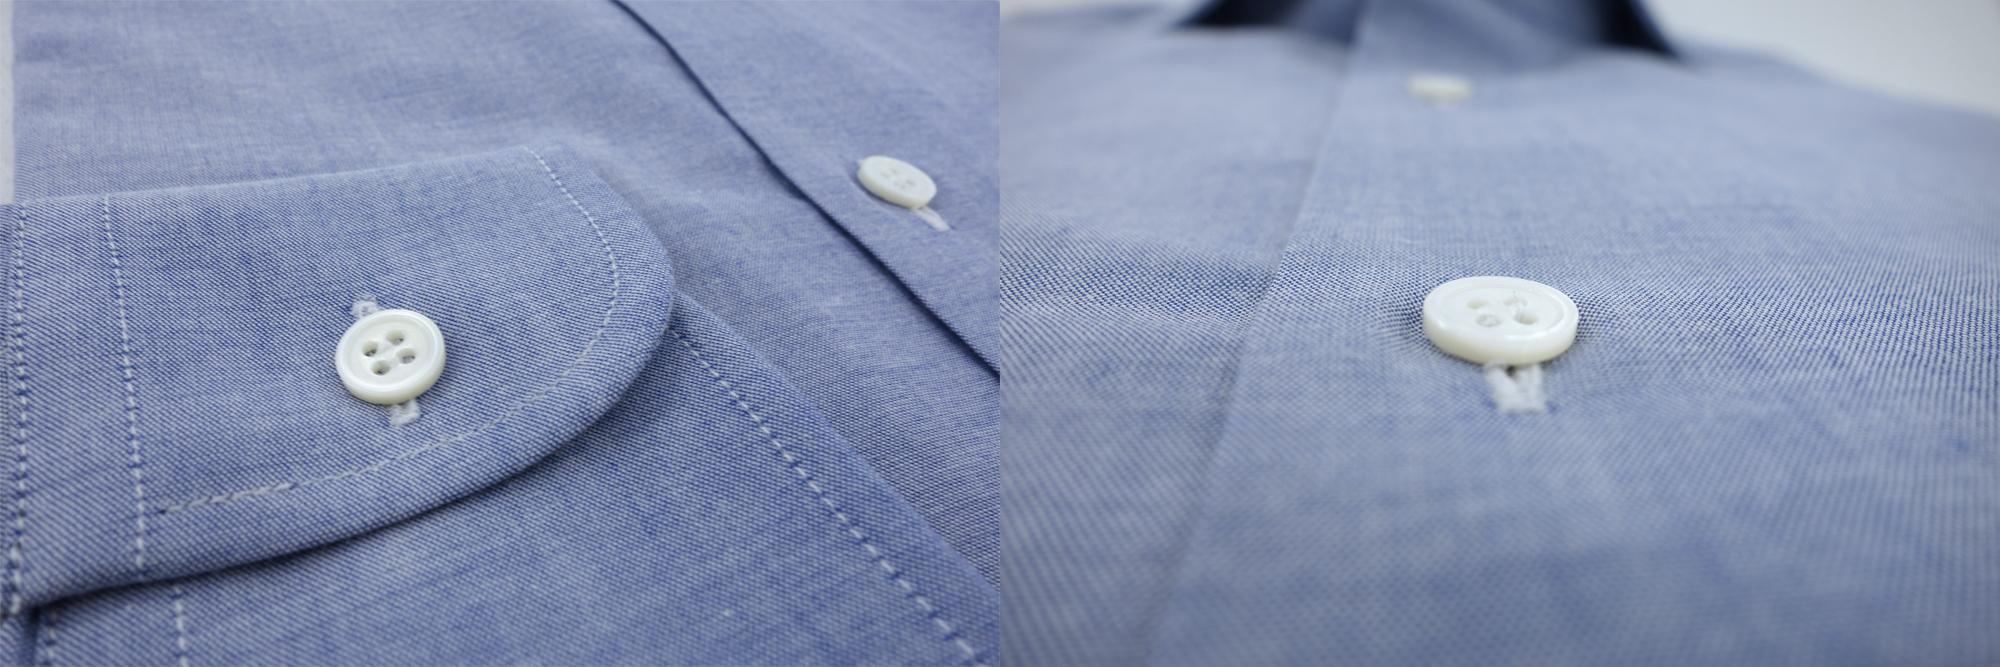 poignet un bouton chemise sans gorge chambray